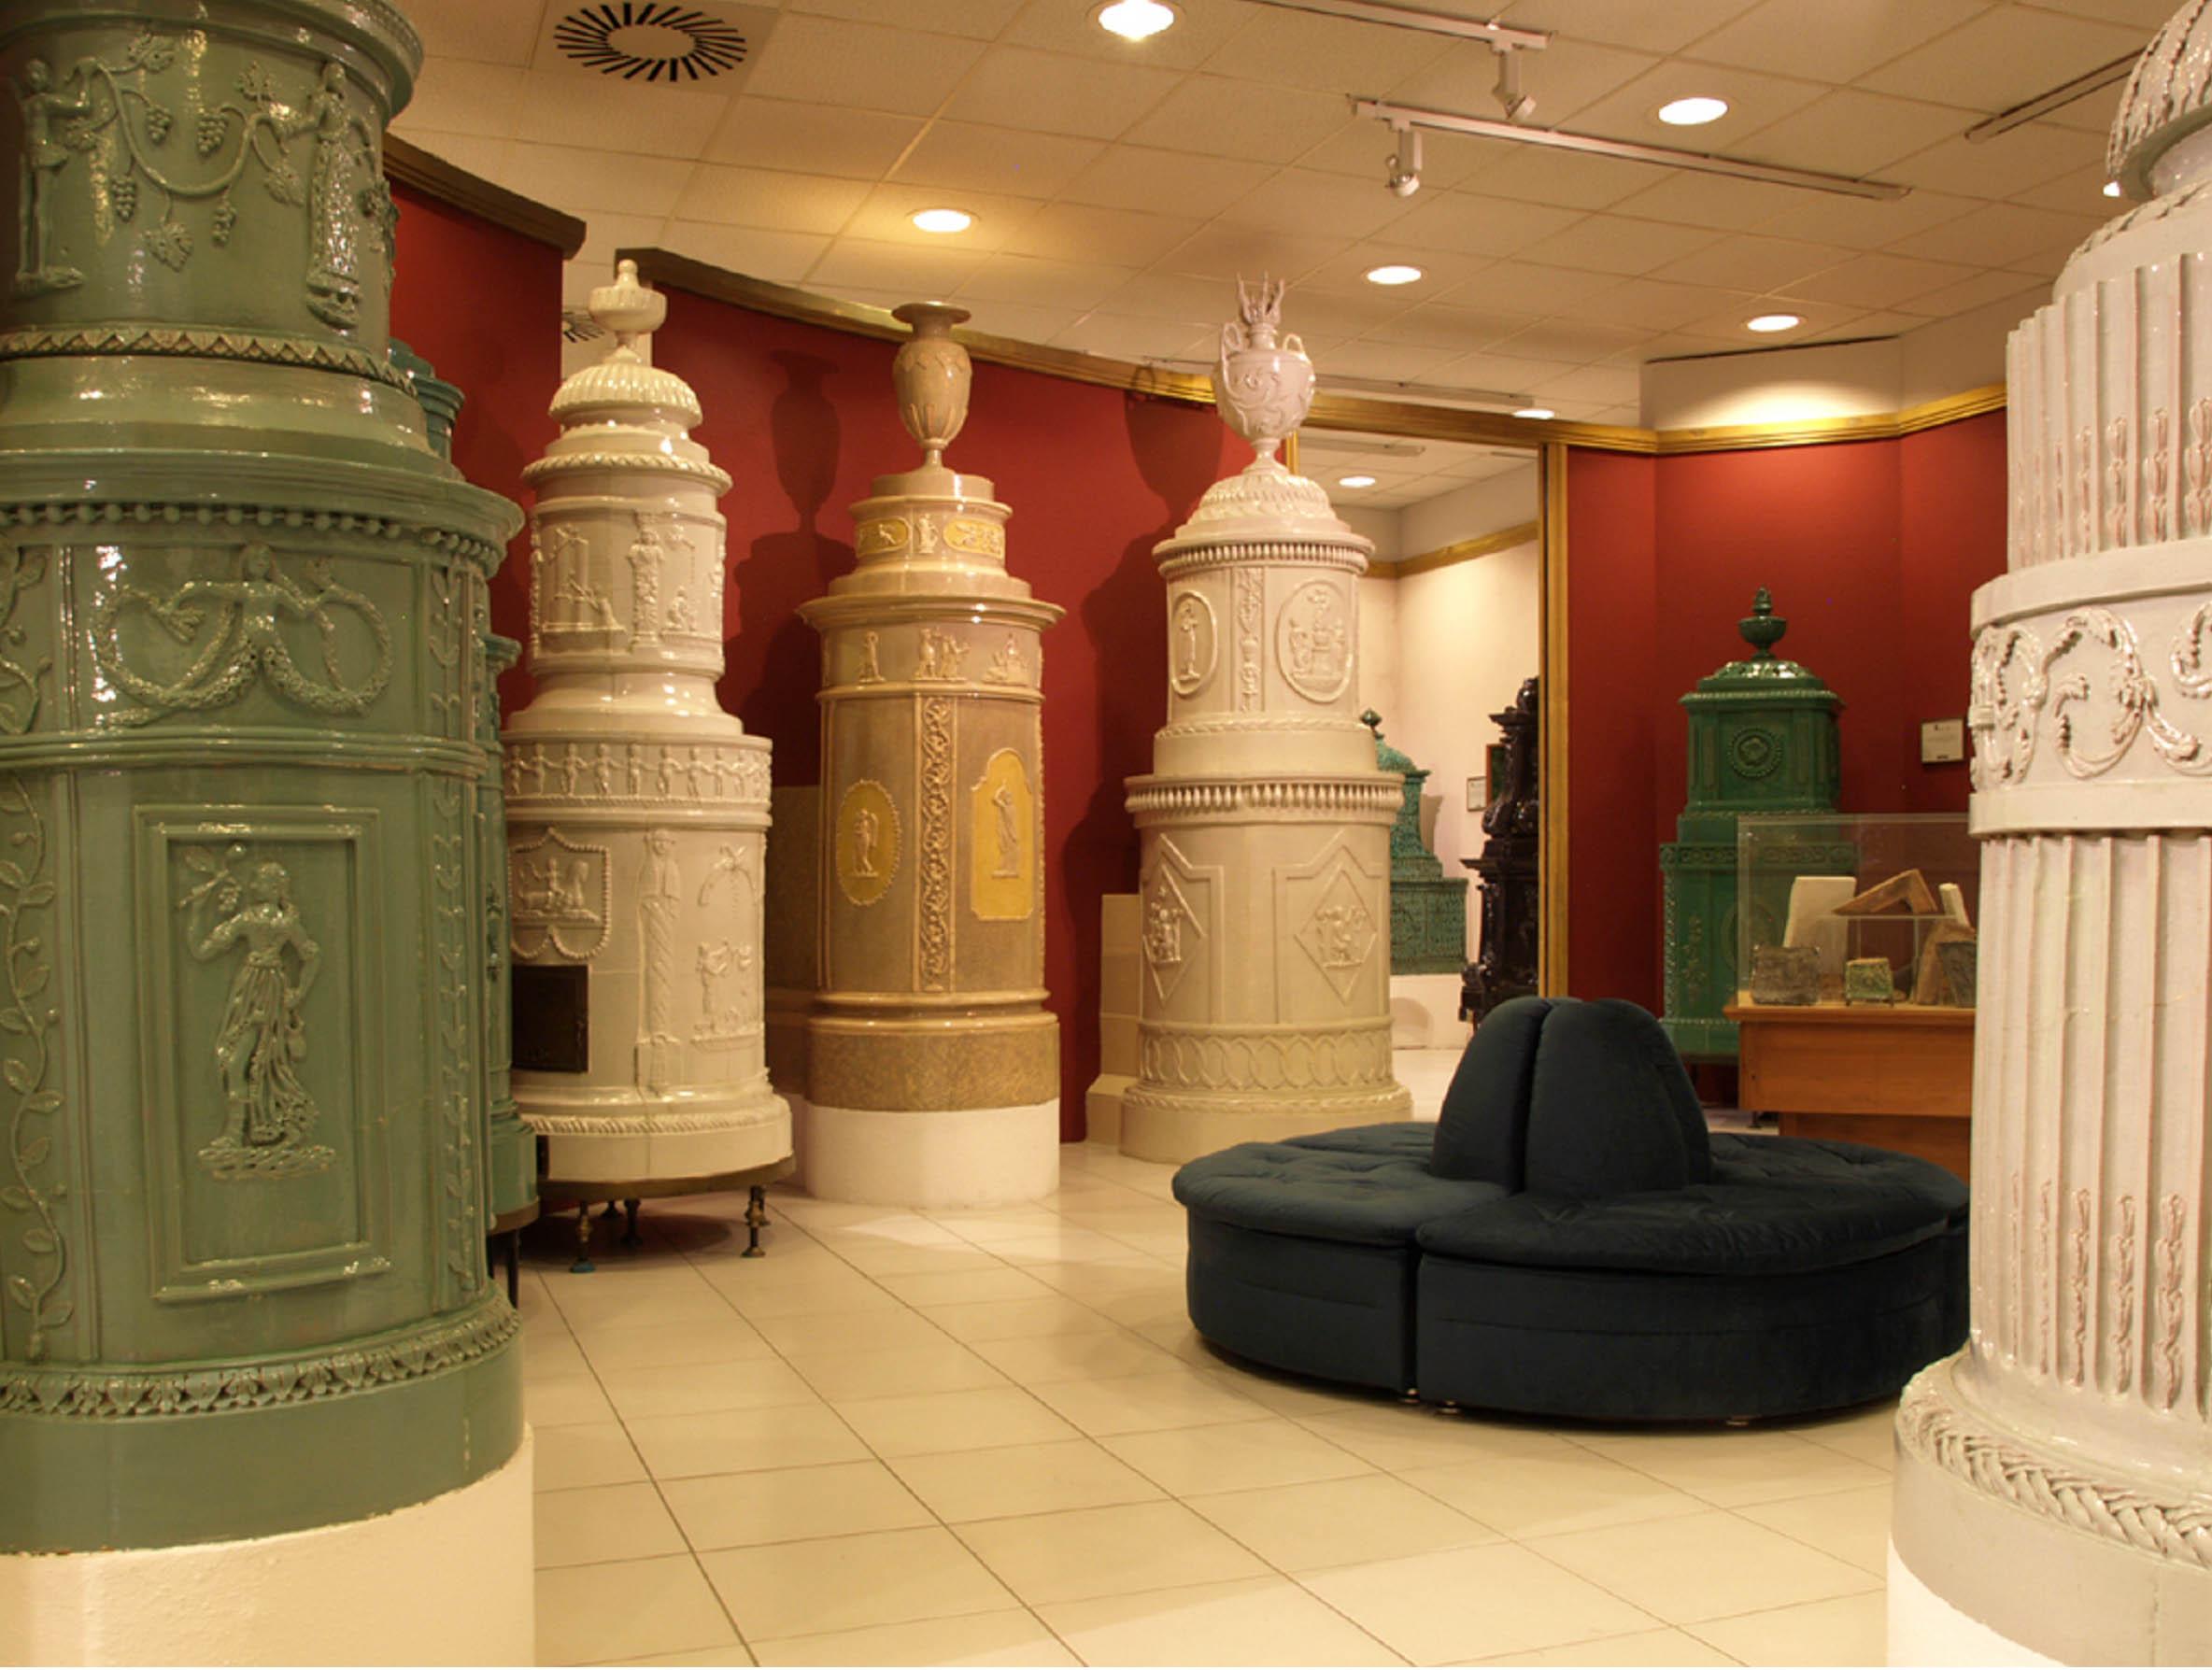 Das Kachelofenmuseum - über 500 Jahre Geschichte des Kachelofens